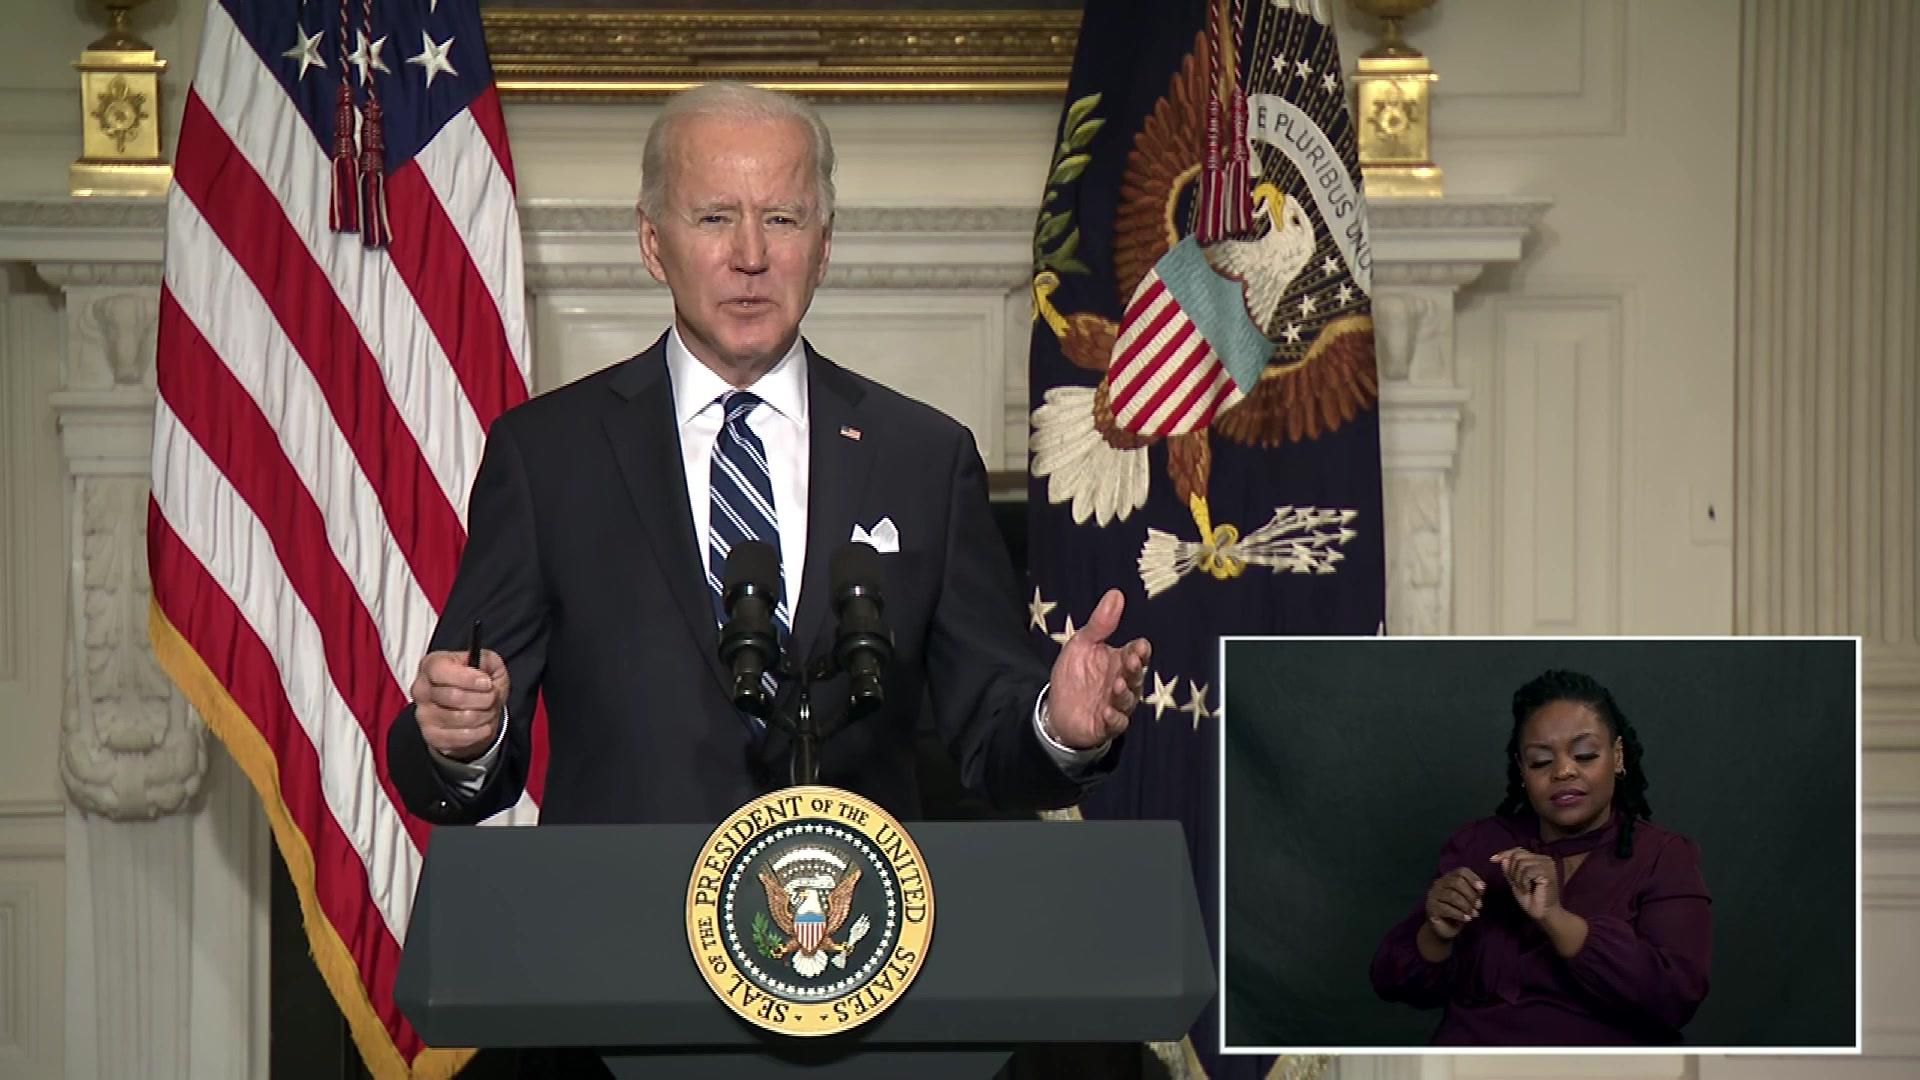 President Joe Biden speaks at a lectern.